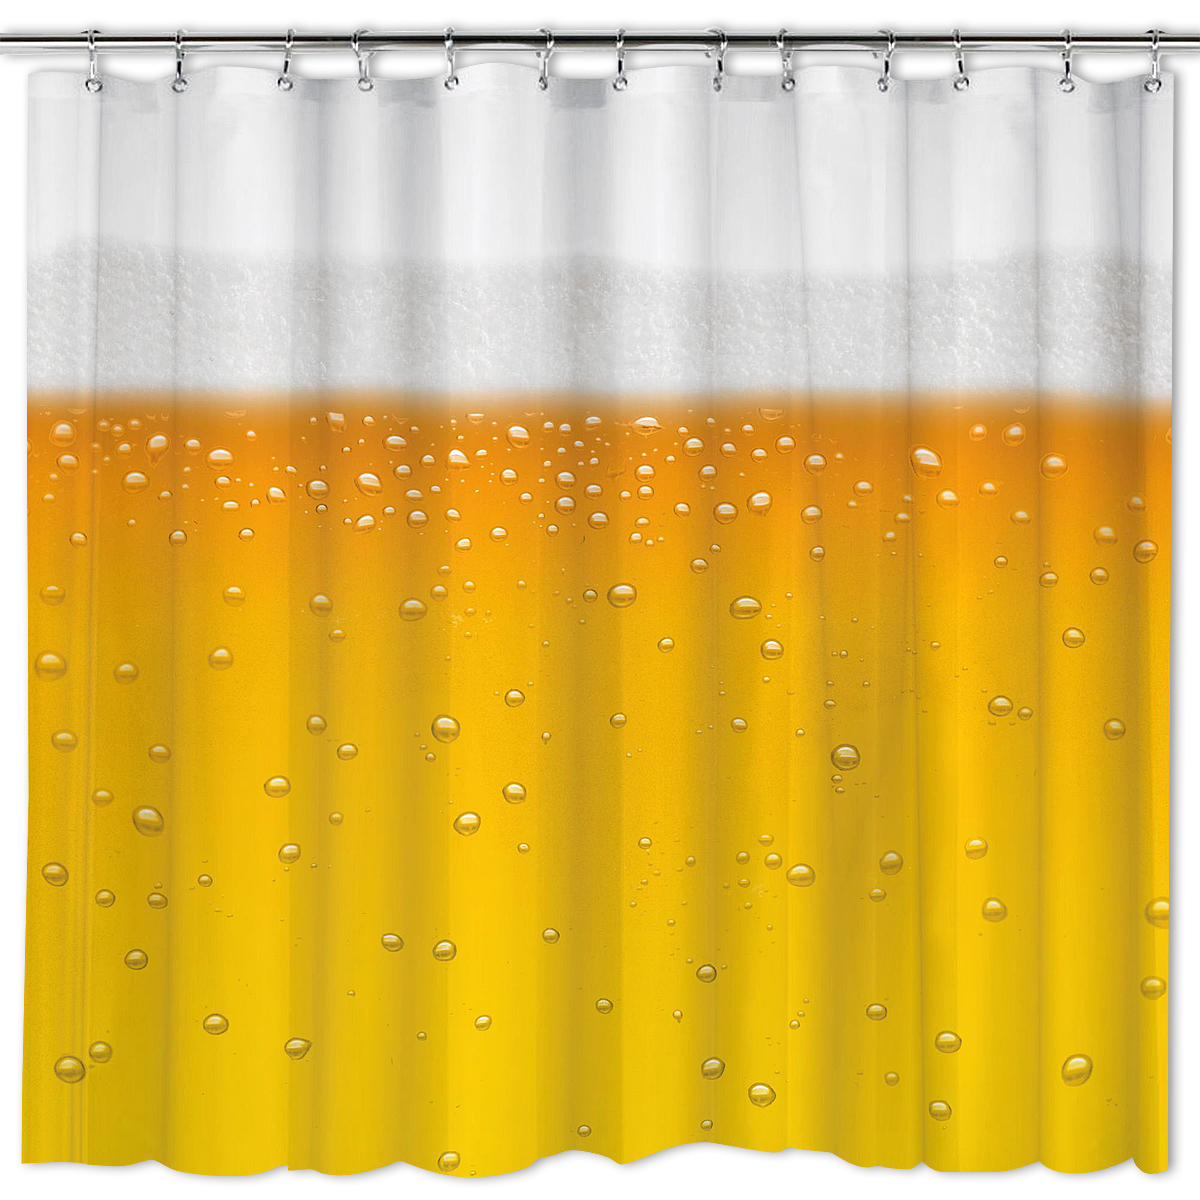 Badezimmer Deko Amazon: Duschvorhang Bier Bierdusche Inkl. Haken